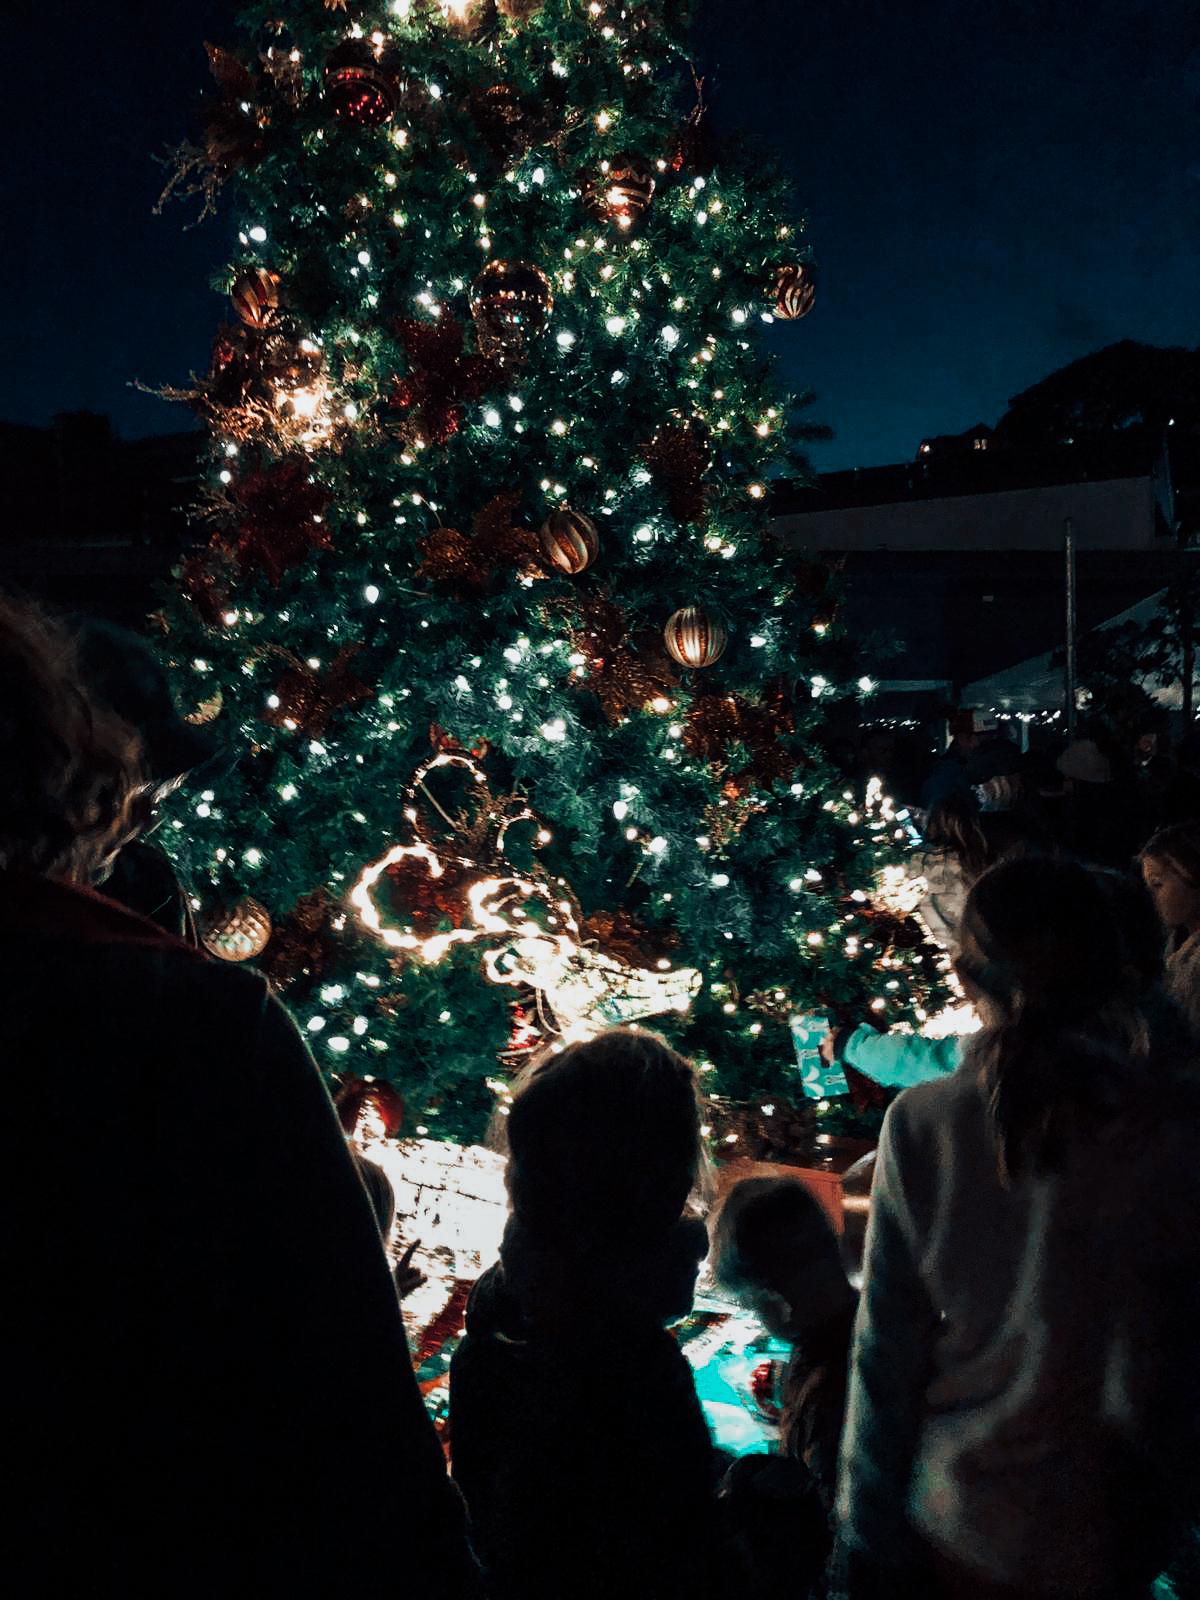 servino-tiburon-christmas-local-festive-family-time-21.jpg